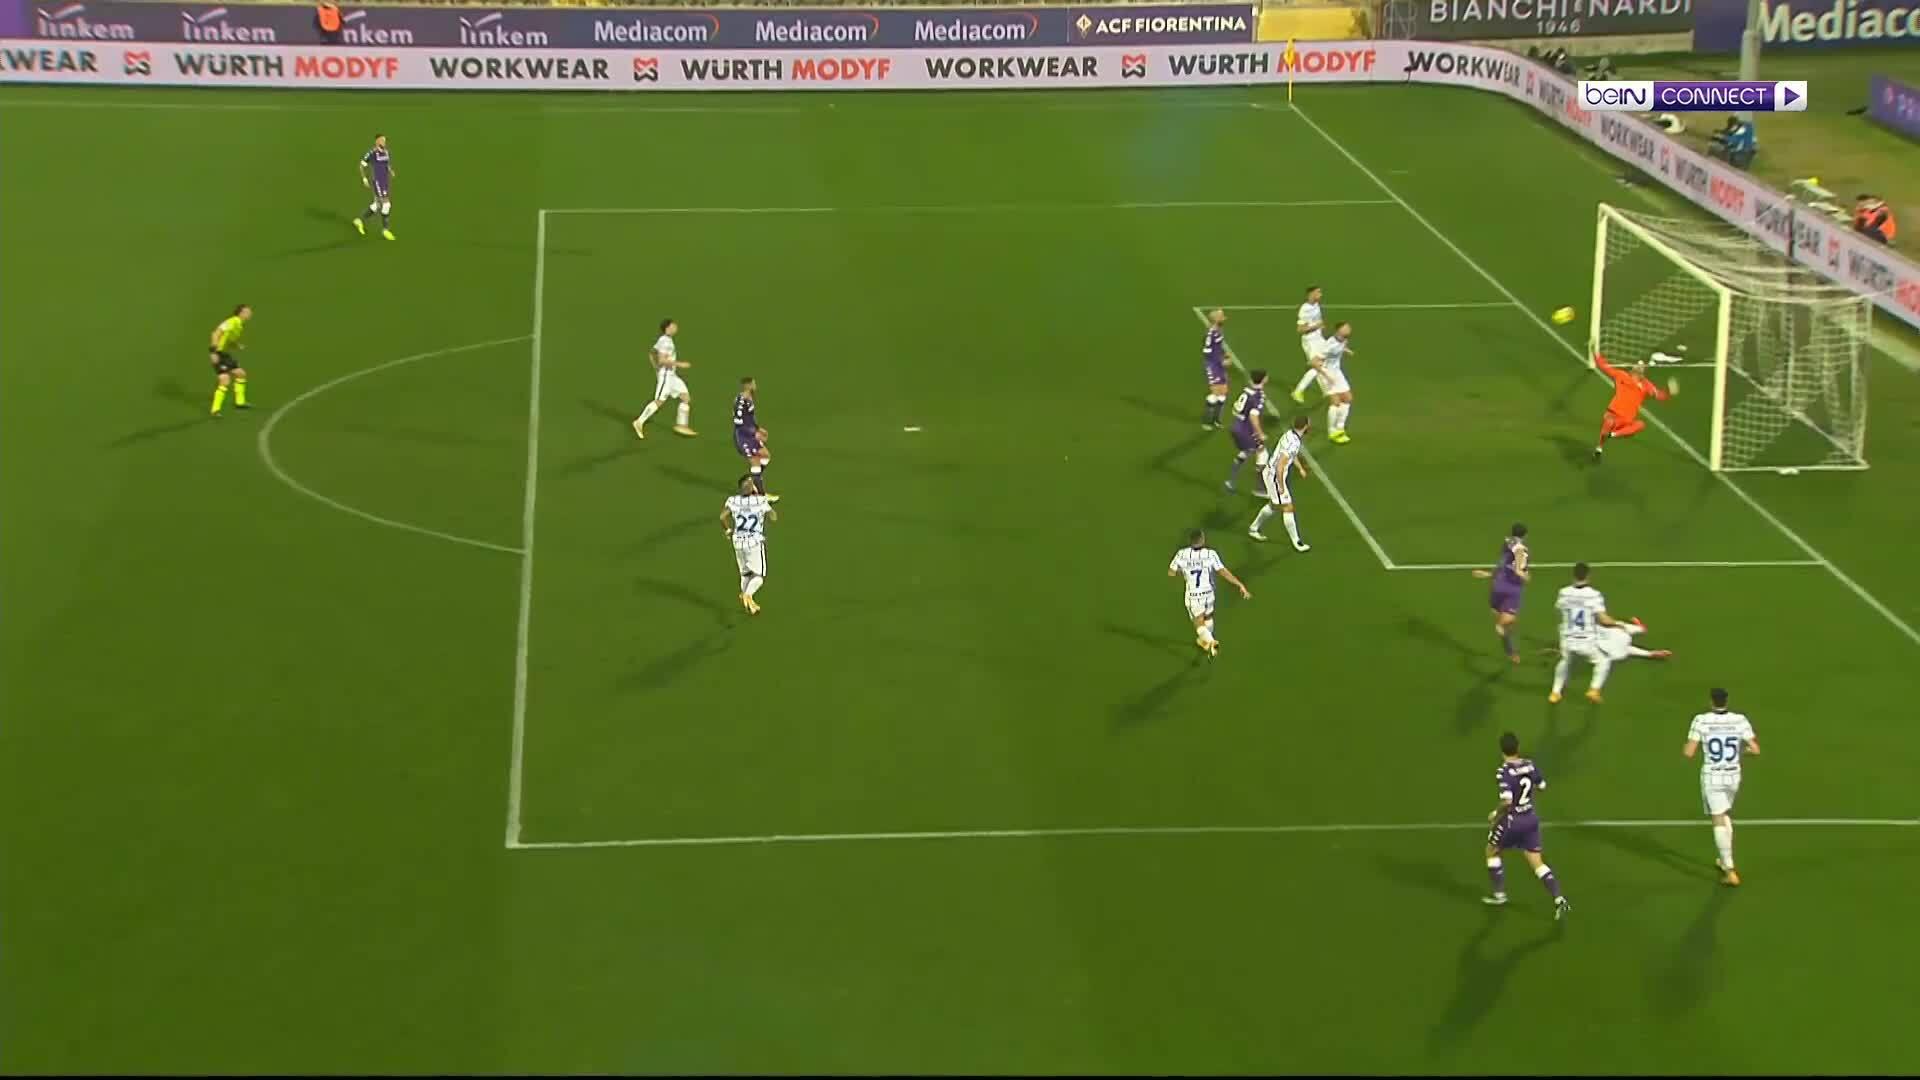 Fiorentina 0-2 Inter